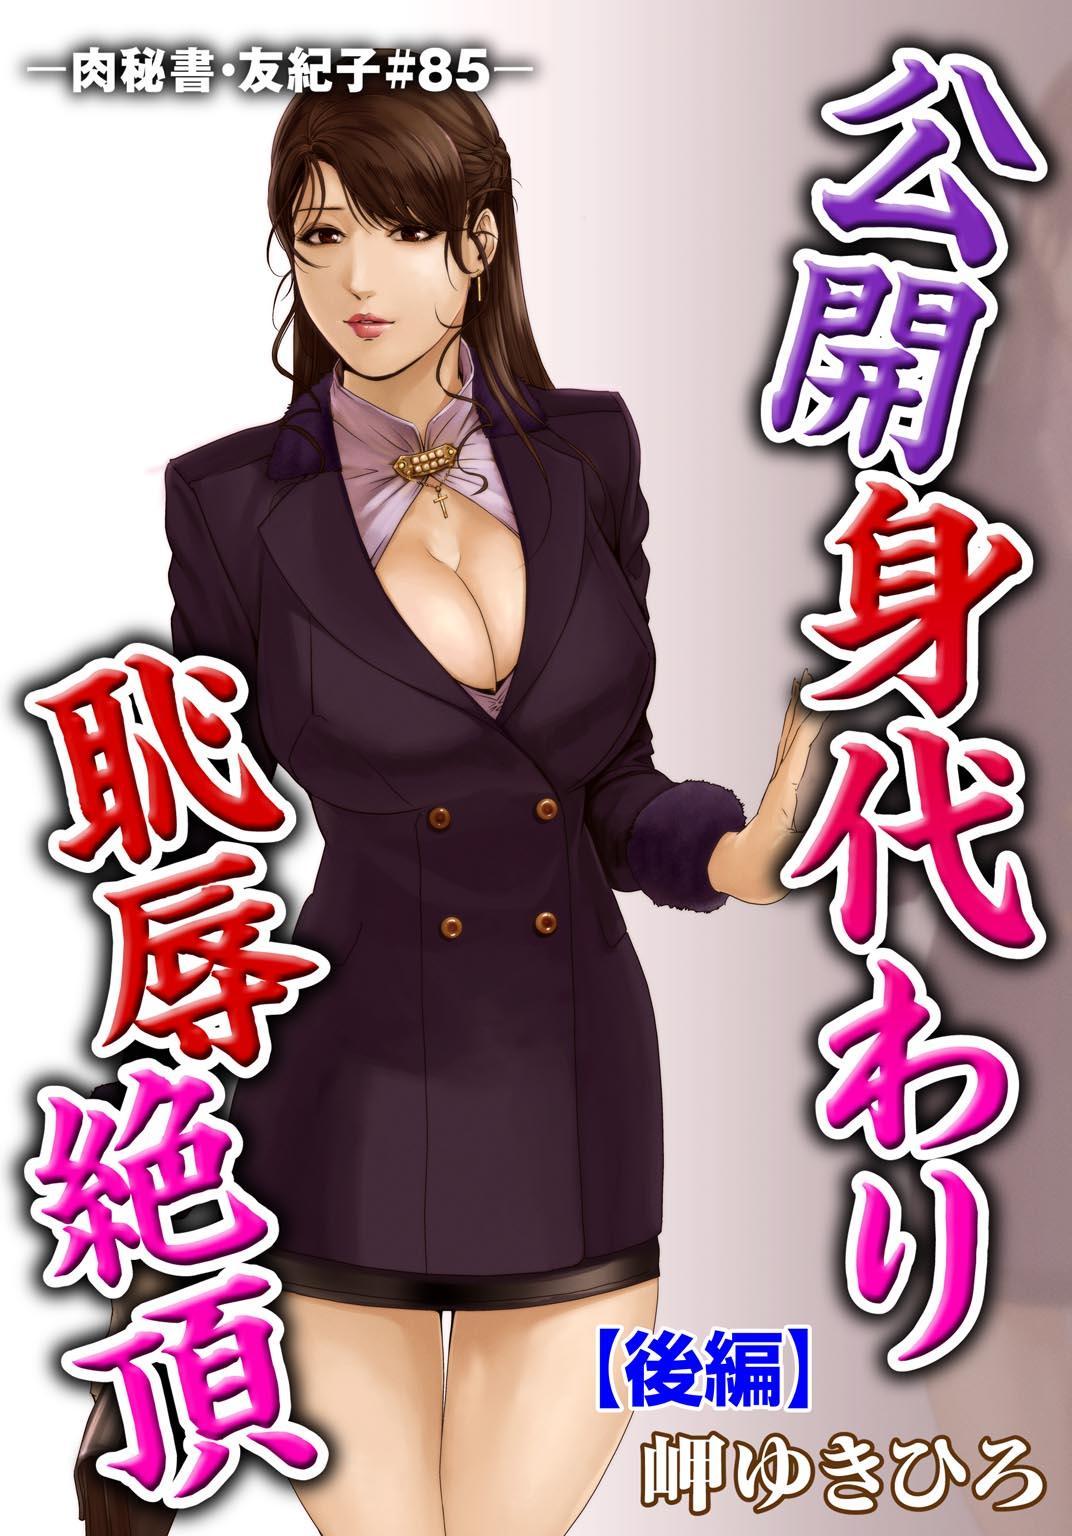 Nikuhisyo Yukiko 25 73